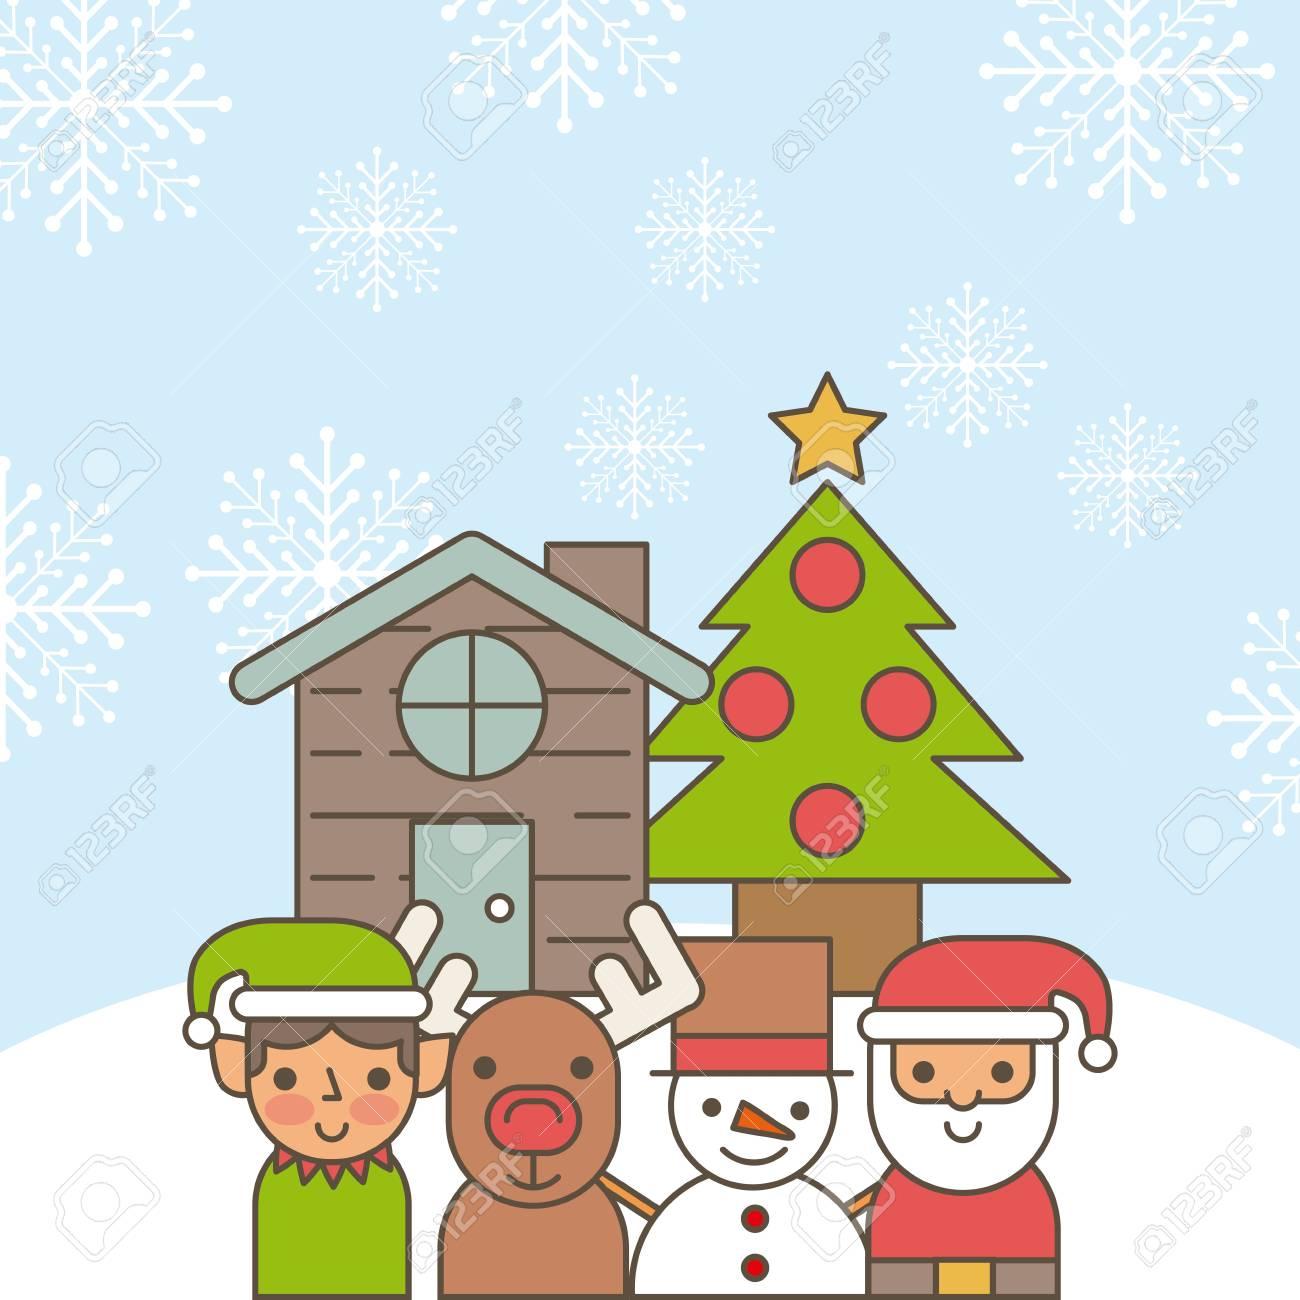 Banque dimages maison de dessin animé de santa helper cerf bonhomme de neige et arbre de pin décoration illustration vectorielle